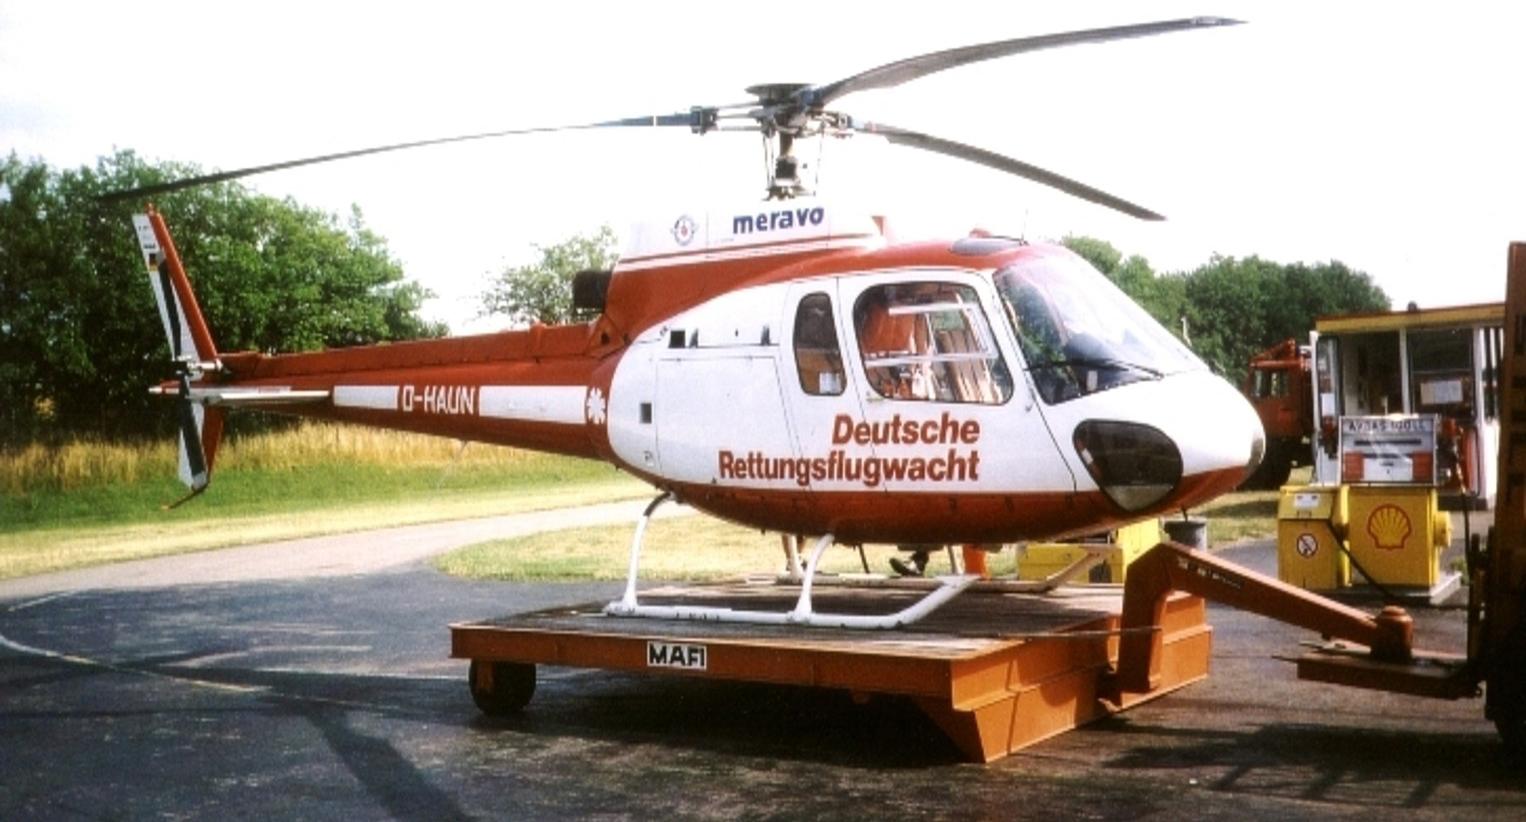 """Der erste Hubschrauber an der Station Mannheim der DRF Luftrettung: Eine Ecureuil AS 350 (""""Eichhörnchen"""") (Quelle: DRF Luftrettung)"""